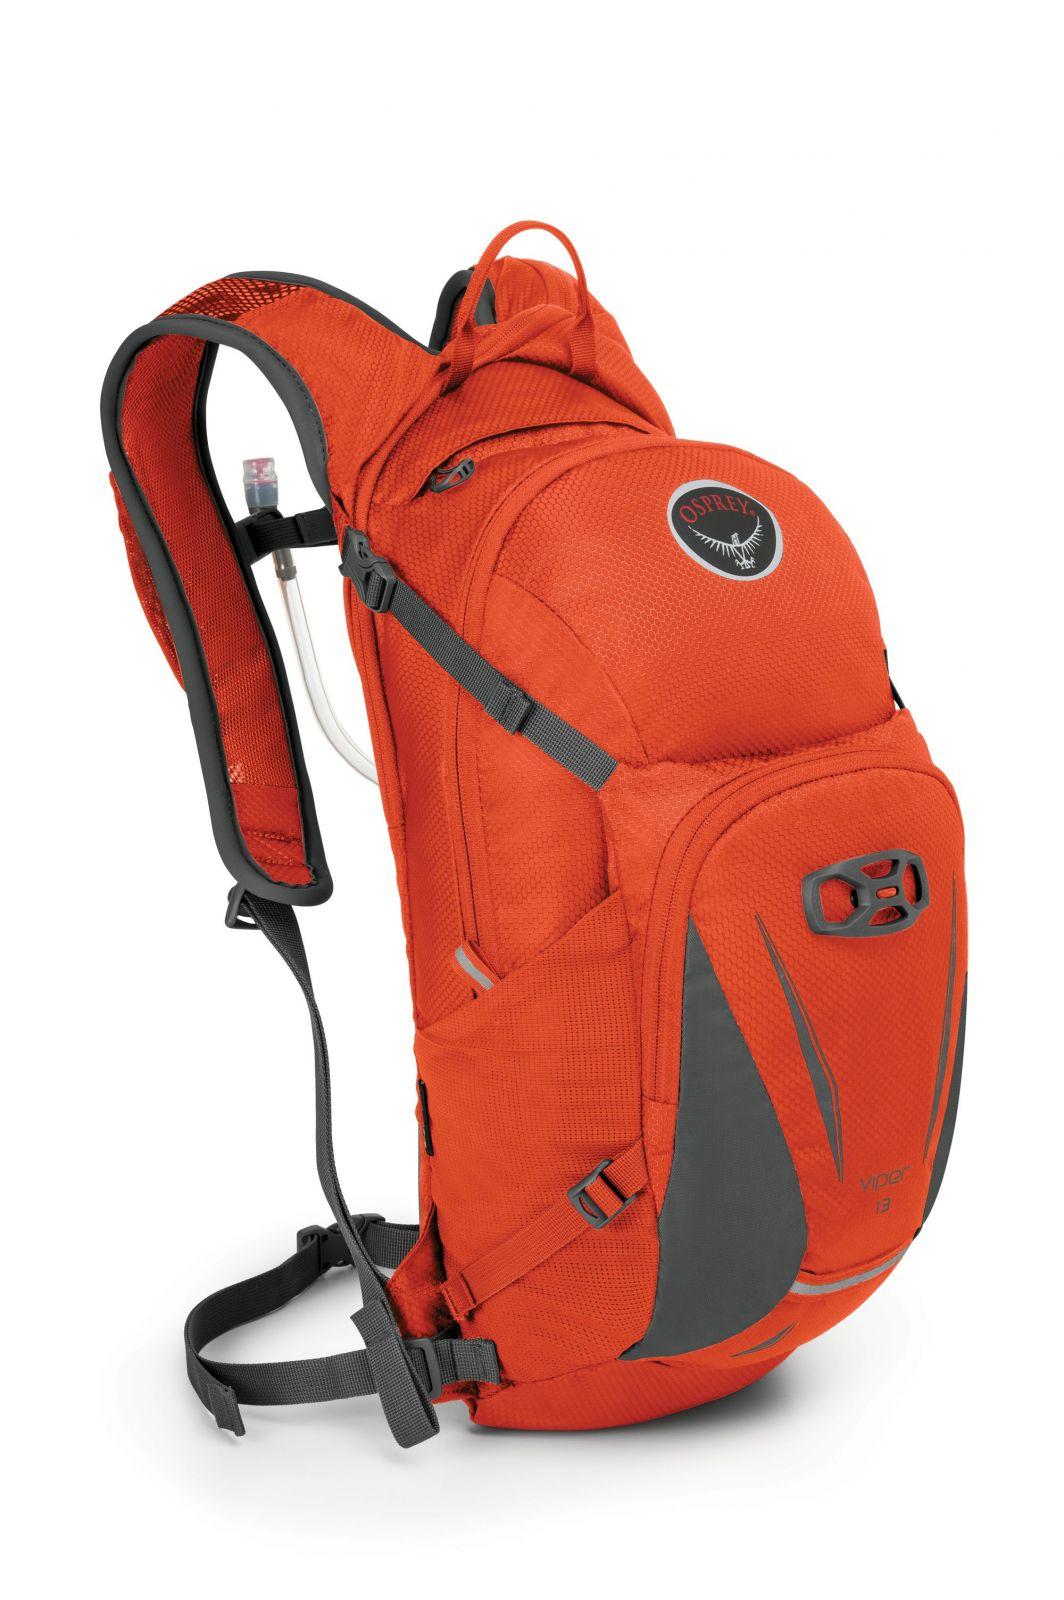 Tazz-Sport - OSPREY Viper 13 Blaze Orange